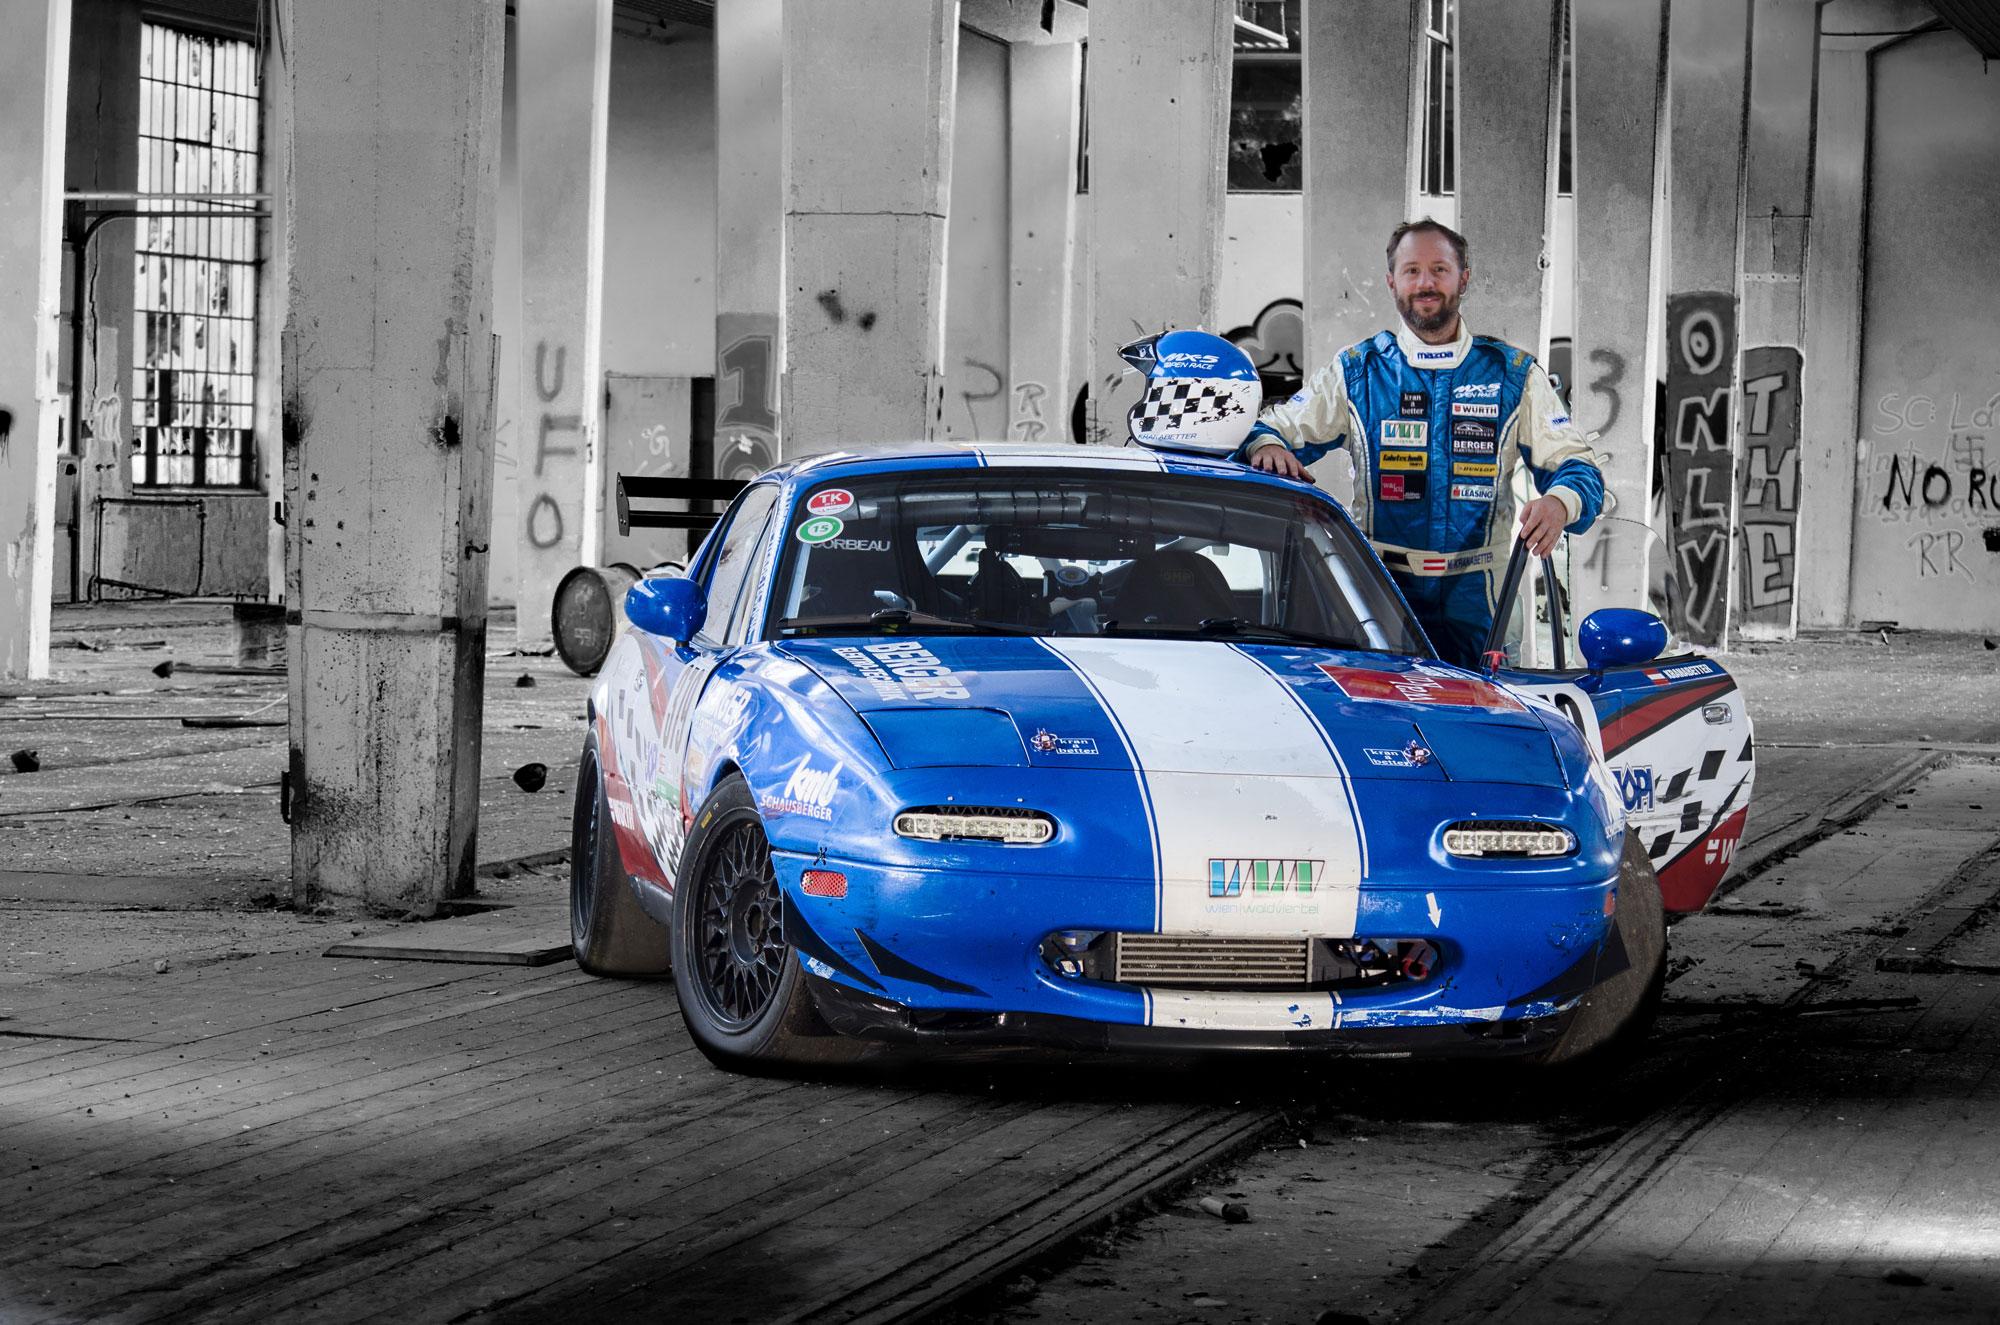 Projekt Mazda MX-fight. Mario Kranabetter im Rundstrecken-MX-5